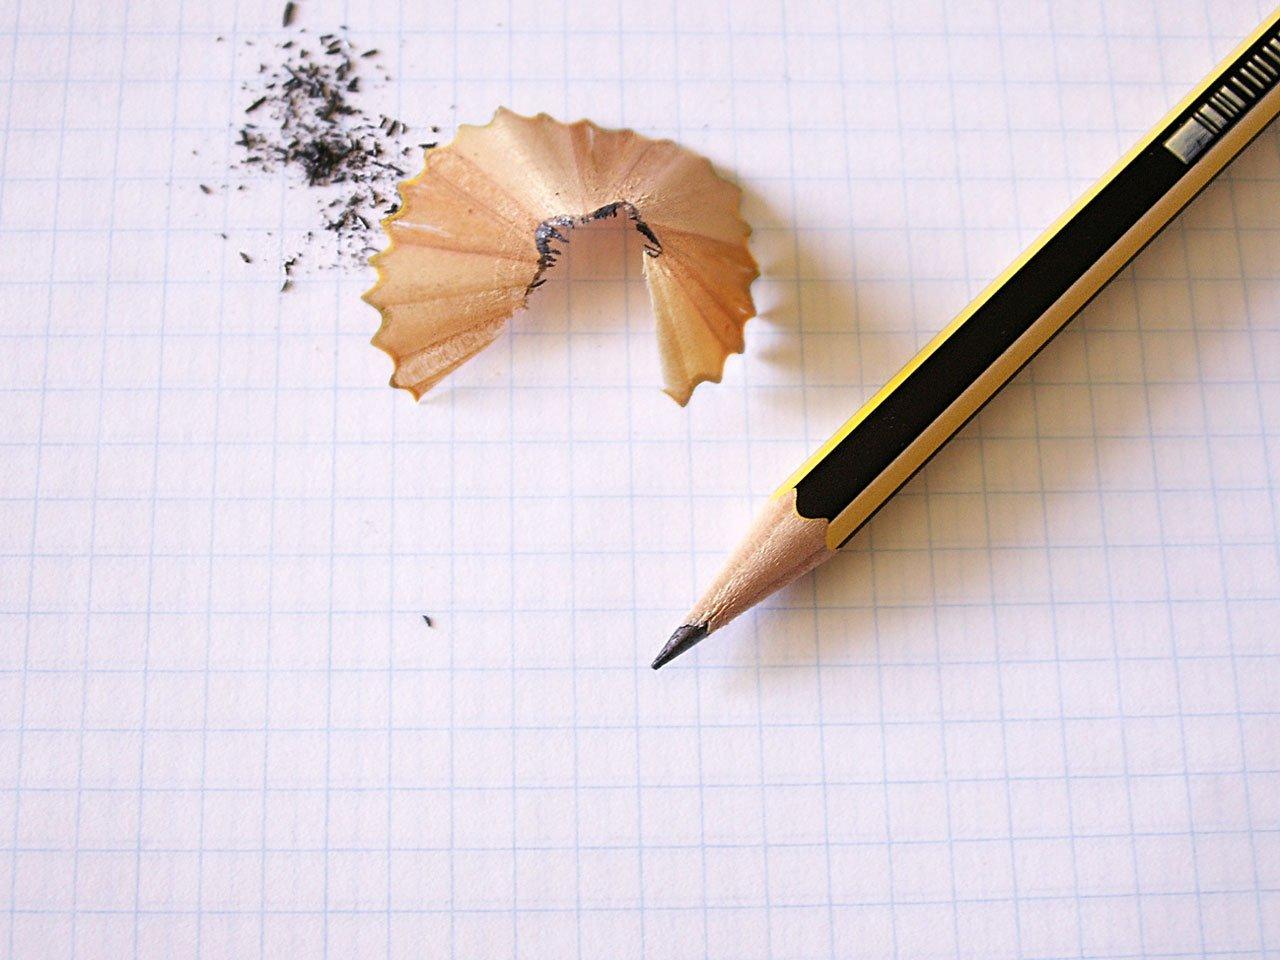 Фото карандаш на бумаге